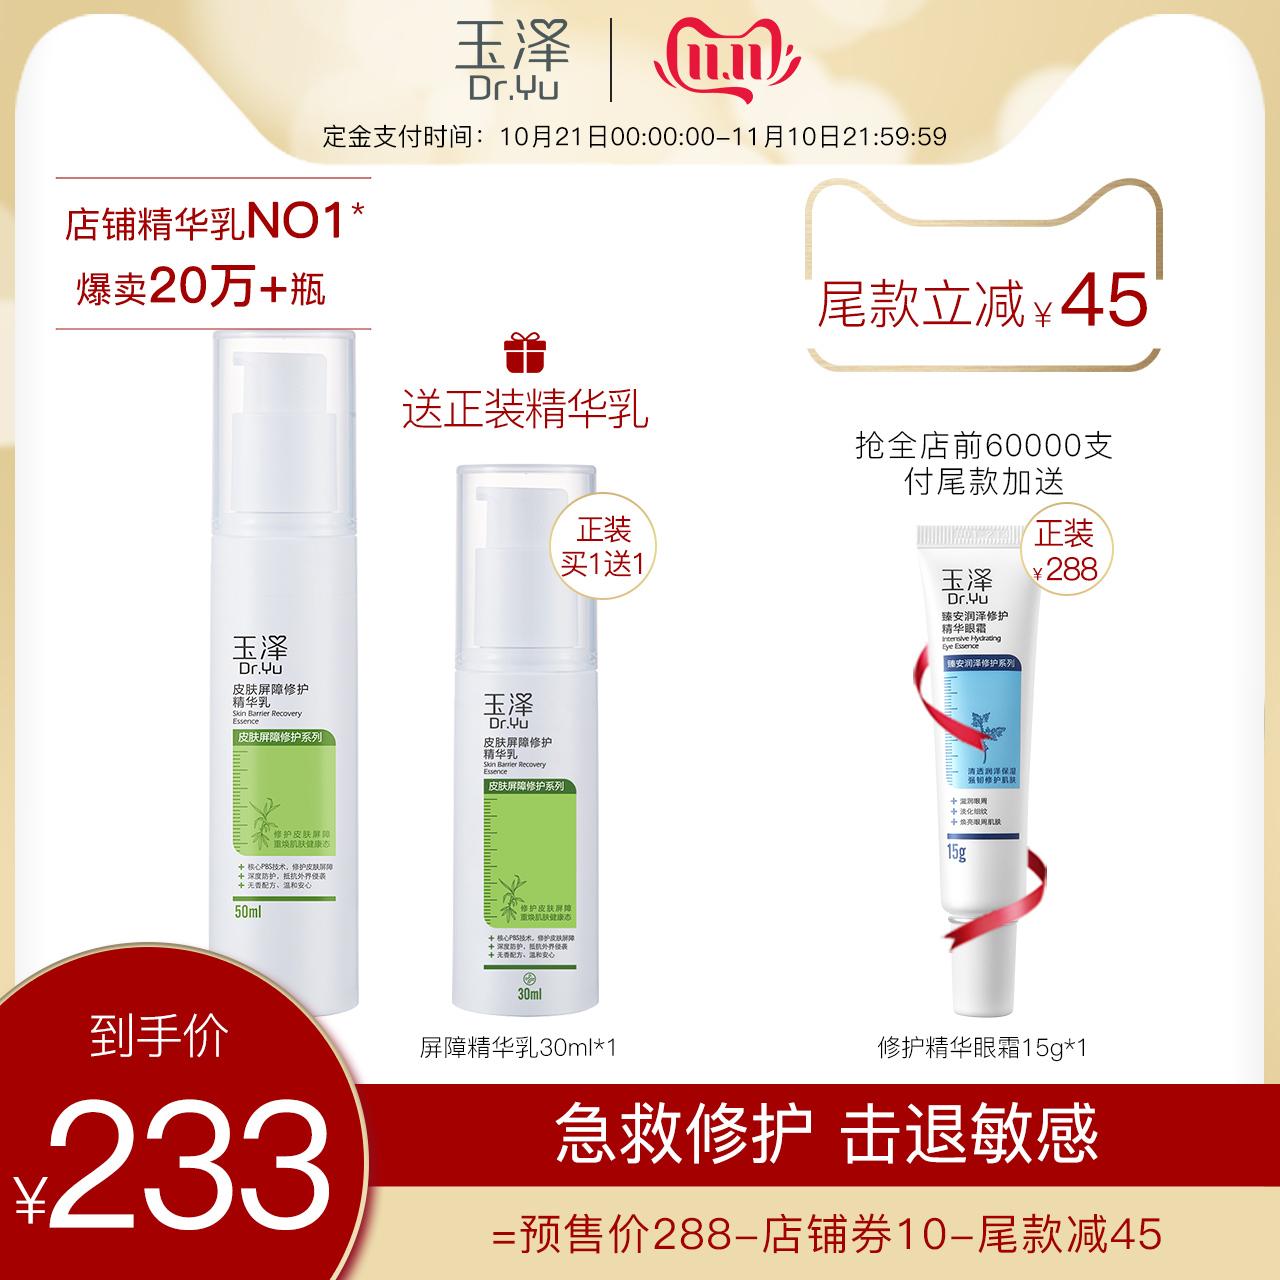 【双11预售】玉泽皮肤屏障修护面部精华乳50ml 温和保湿舒缓修护